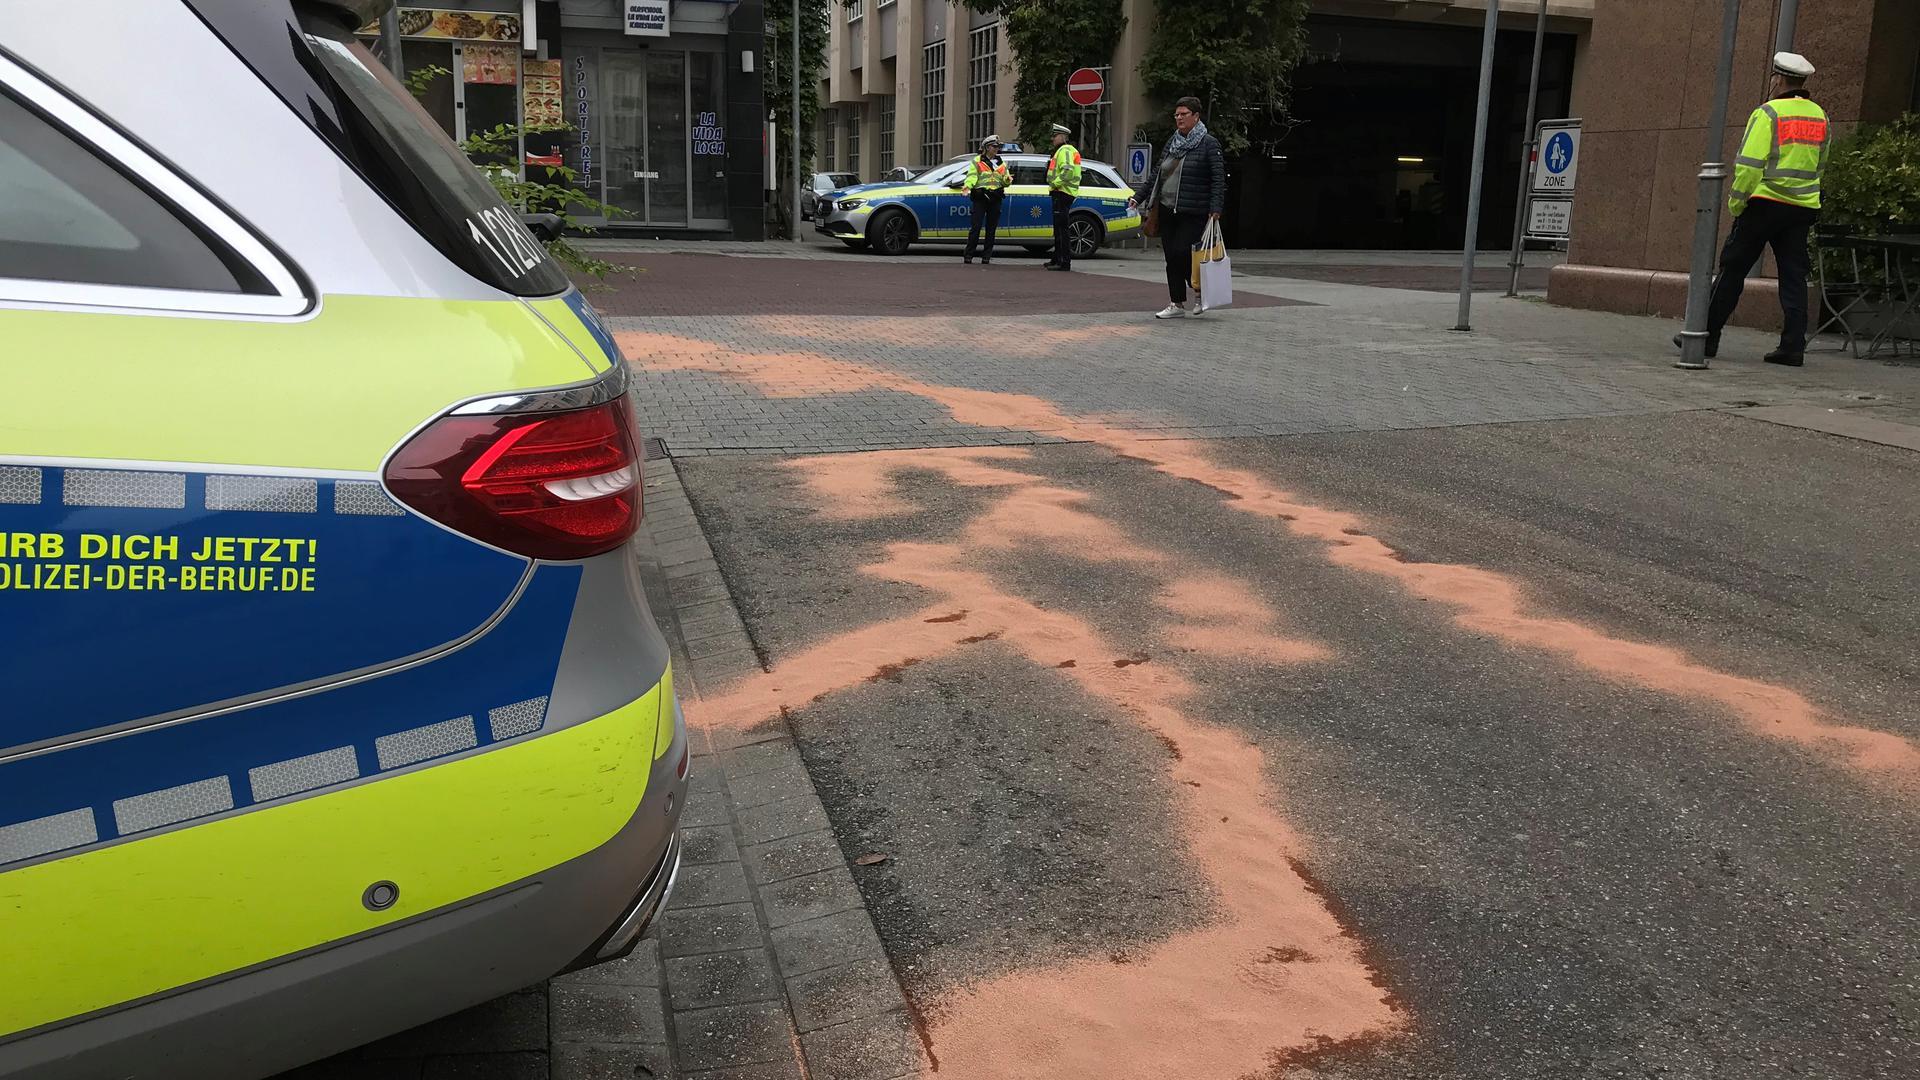 Behinderungen: Wegen starker Verunreinigungen durch Hydrauliköl hat es in den Morgenstunden erhebliche Verkehrsbehinderungen in der Innenstadt gegeben.